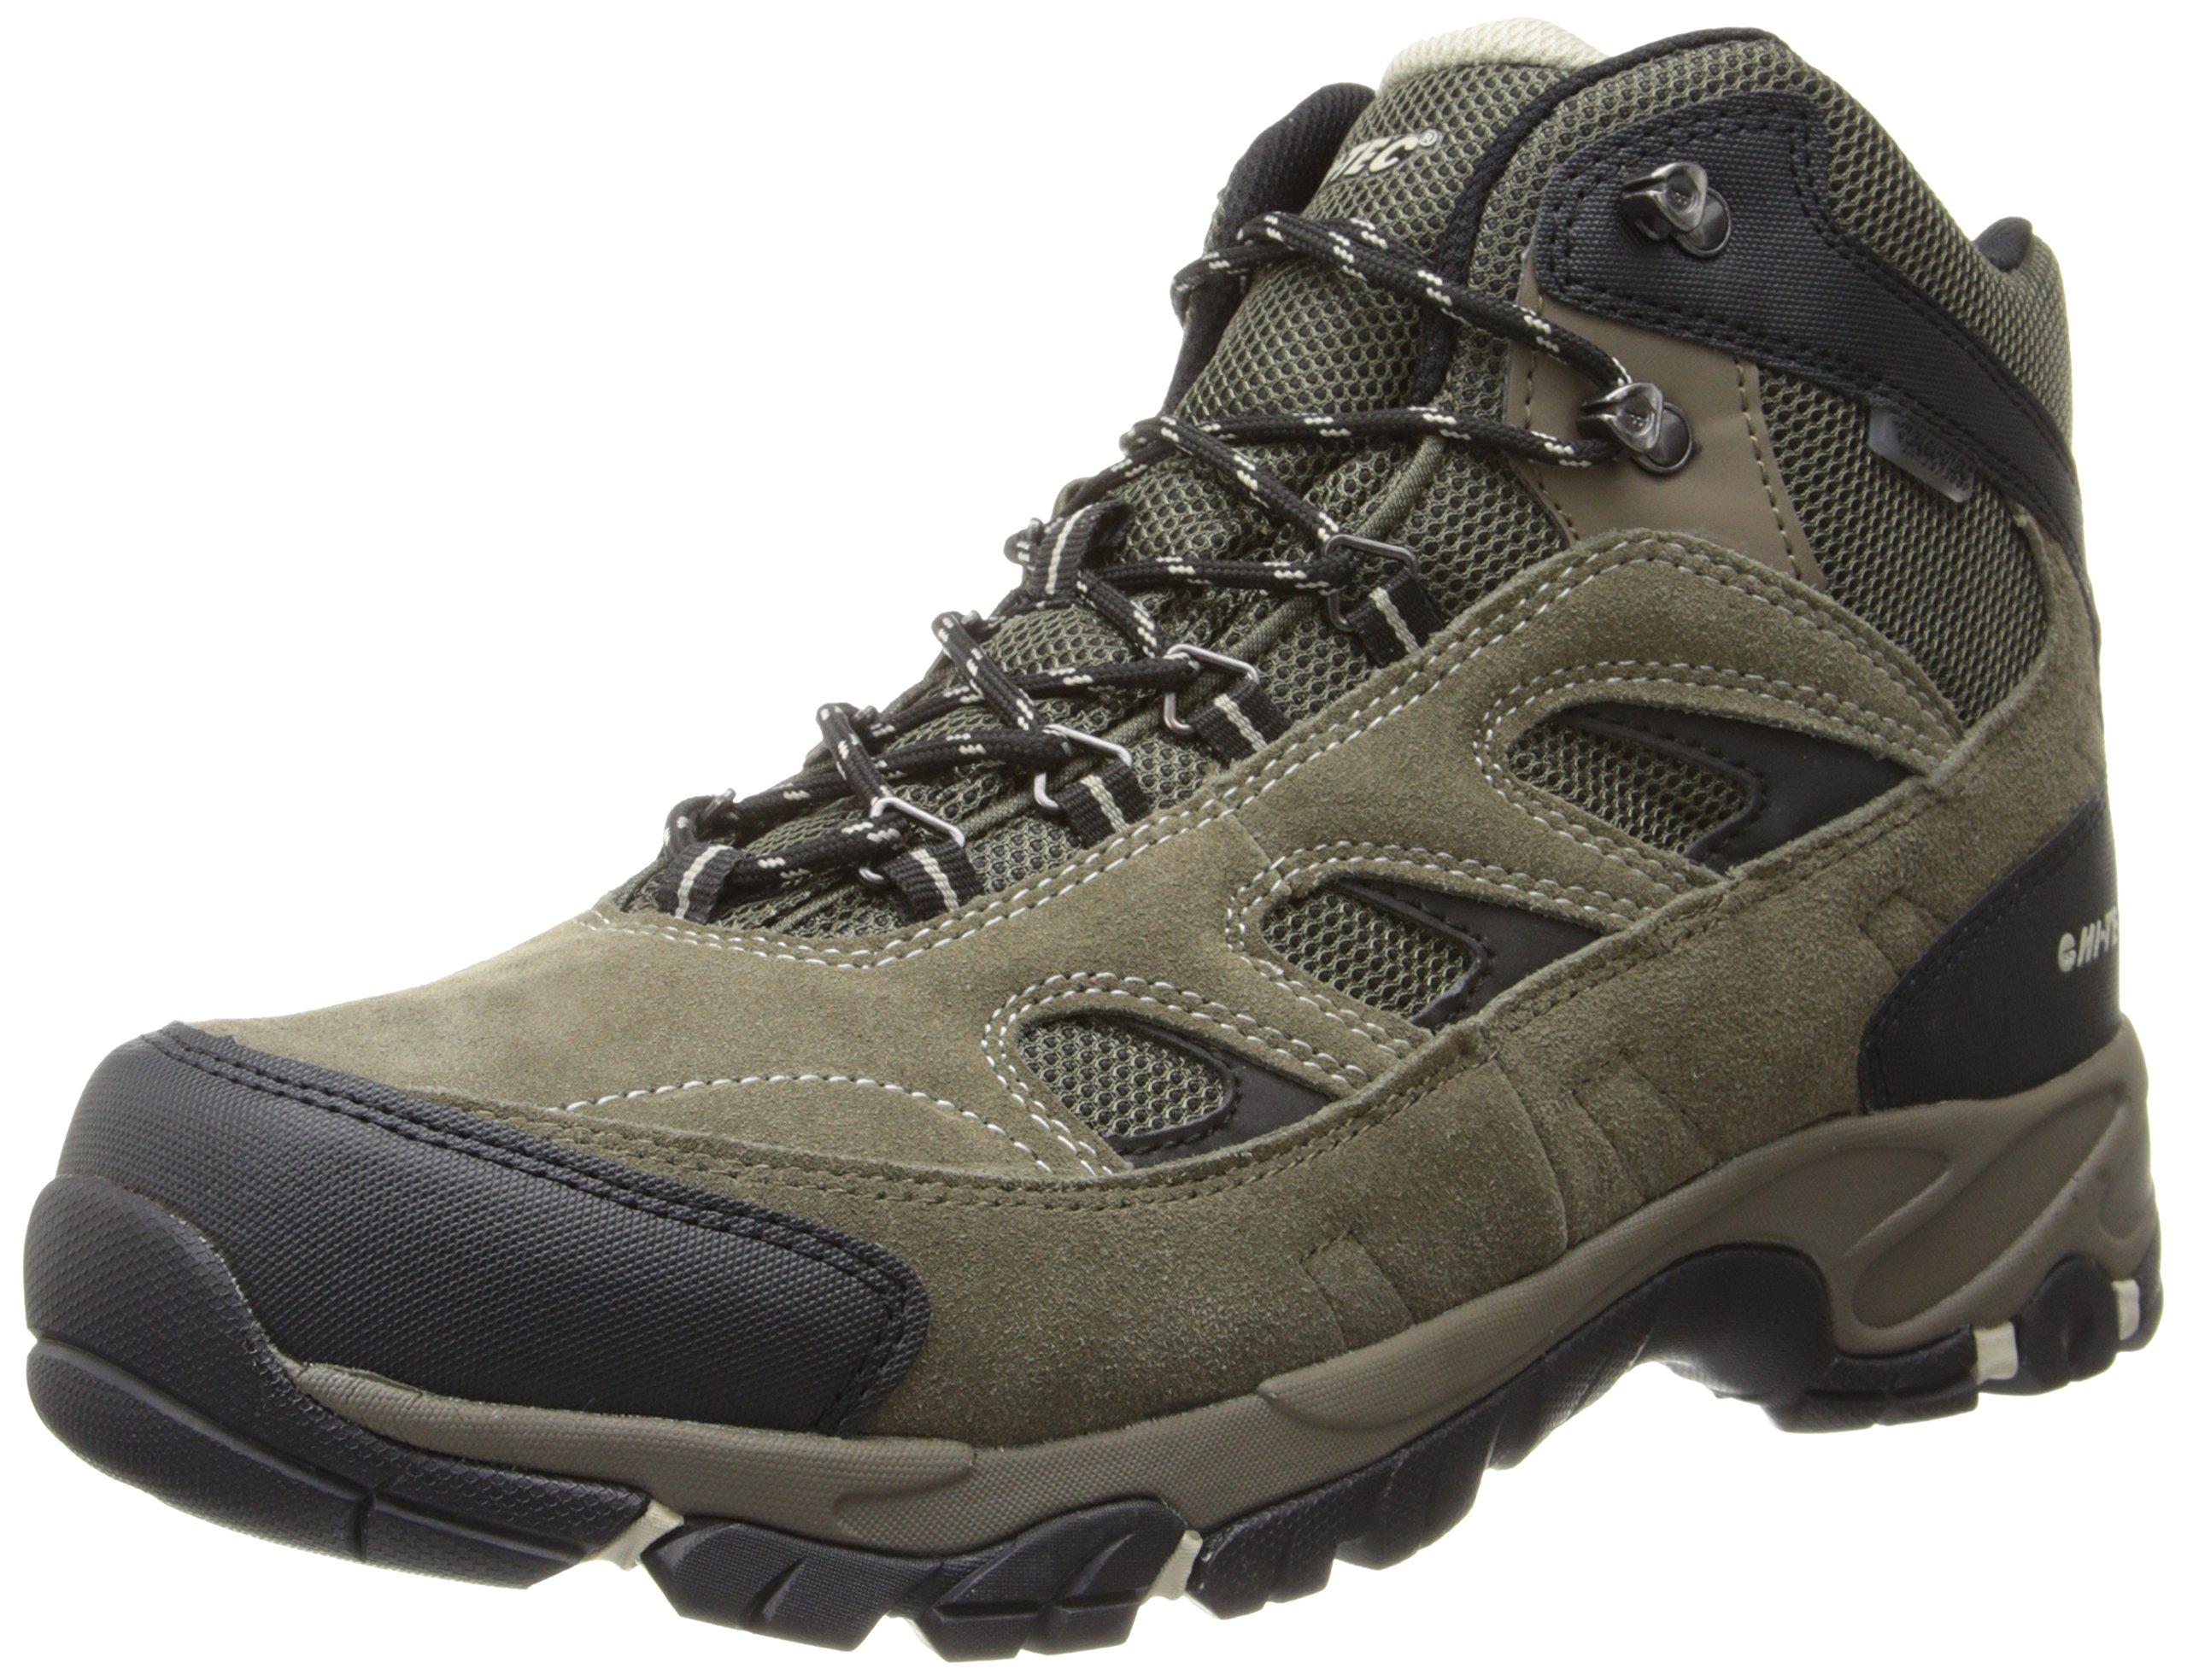 Hi-Tec Men's Logan Waterproof Hiking Boot,Smokey Brown/Olive/Snow,11 M US by Hi-Tec